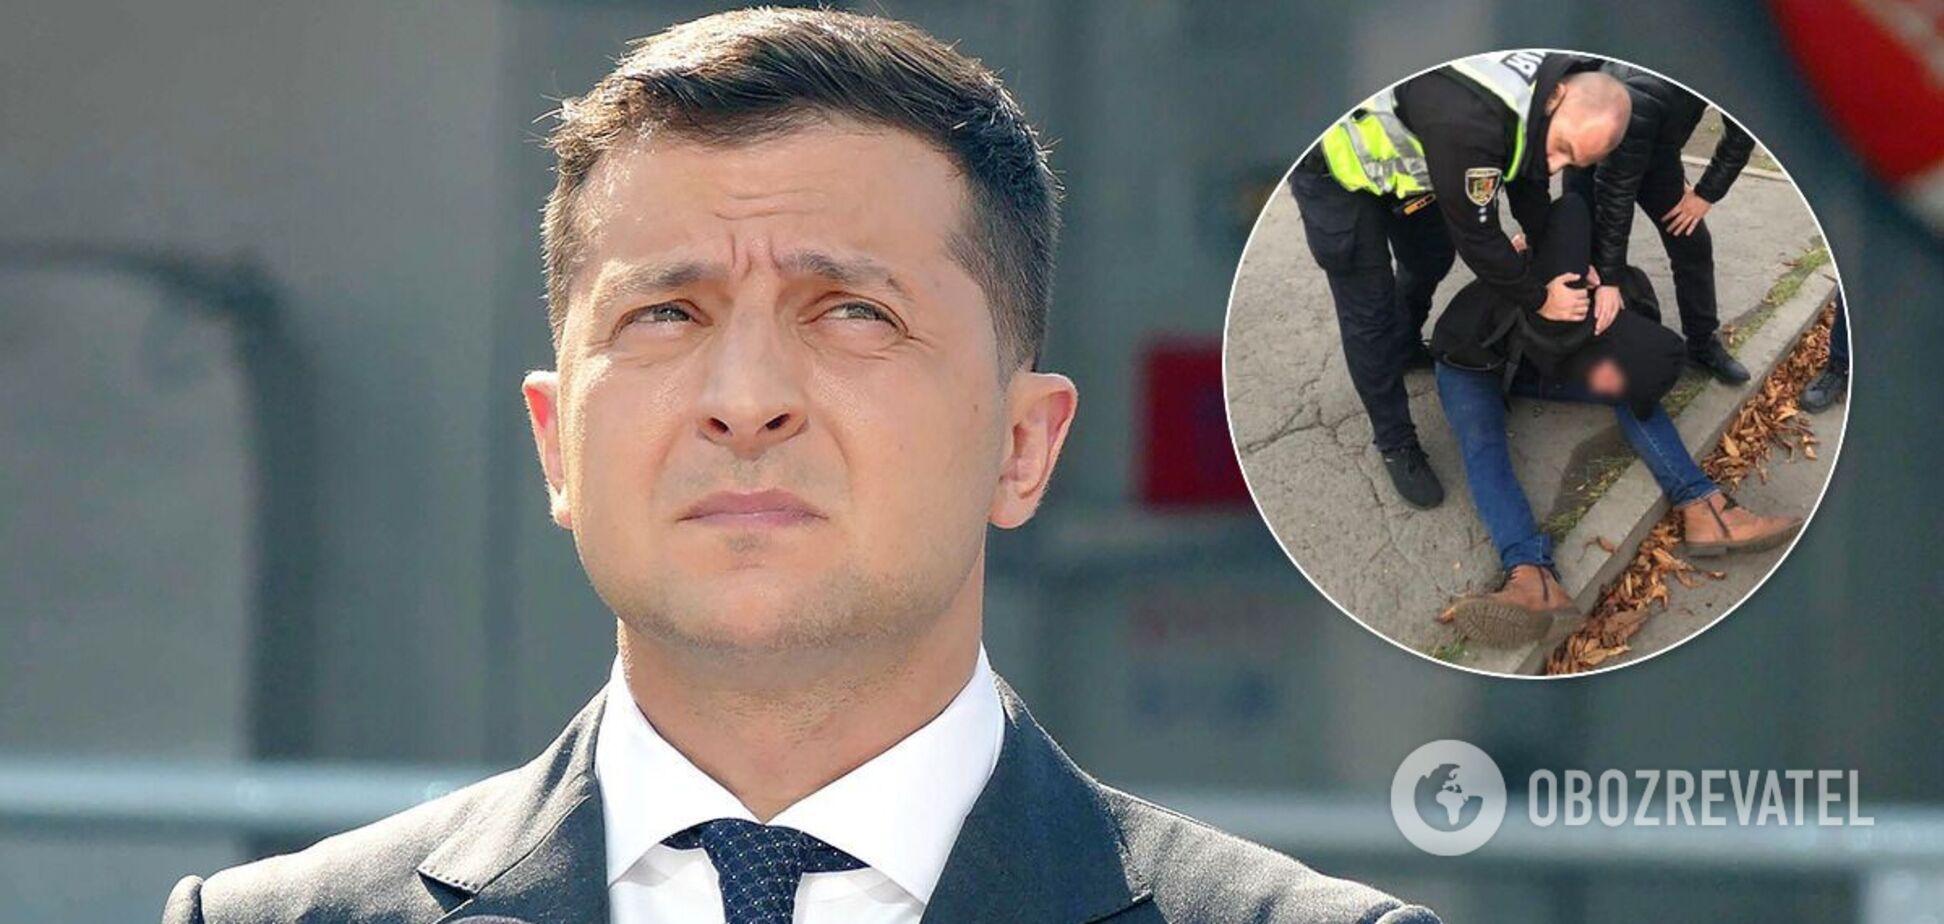 Зеленський назвав вбивство в Кривому Розі 'тероризмом'